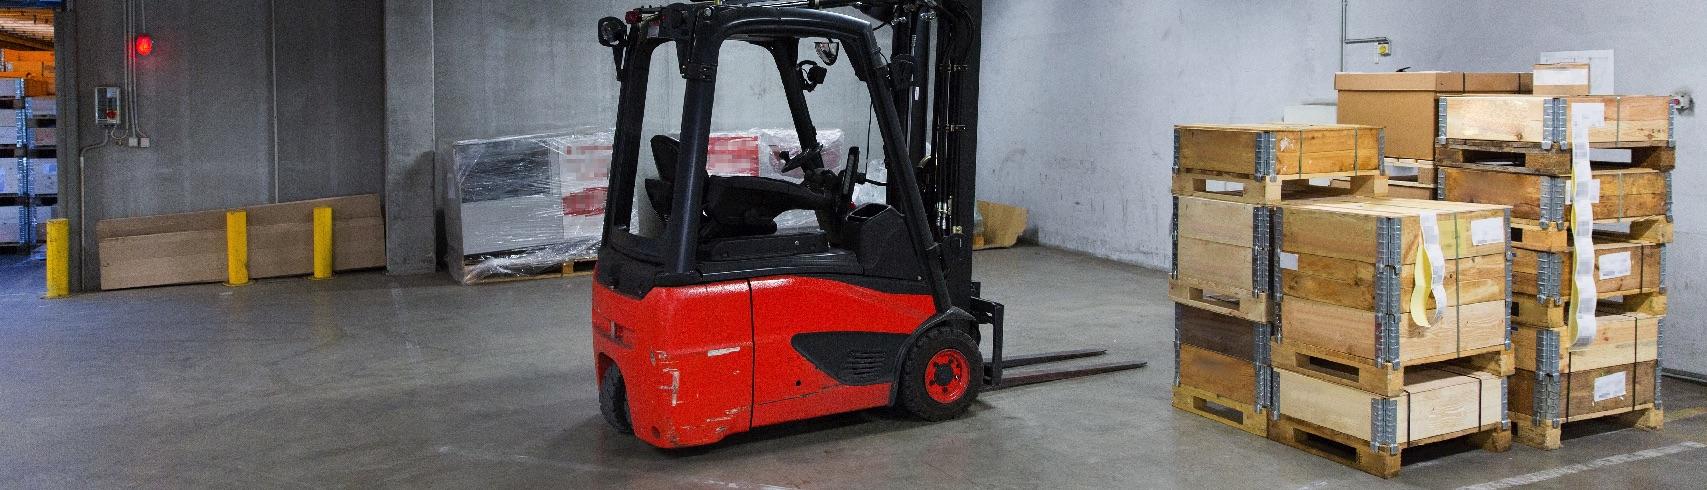 Forklift Rental Baltimore, MD - Tobly Equipment Rental